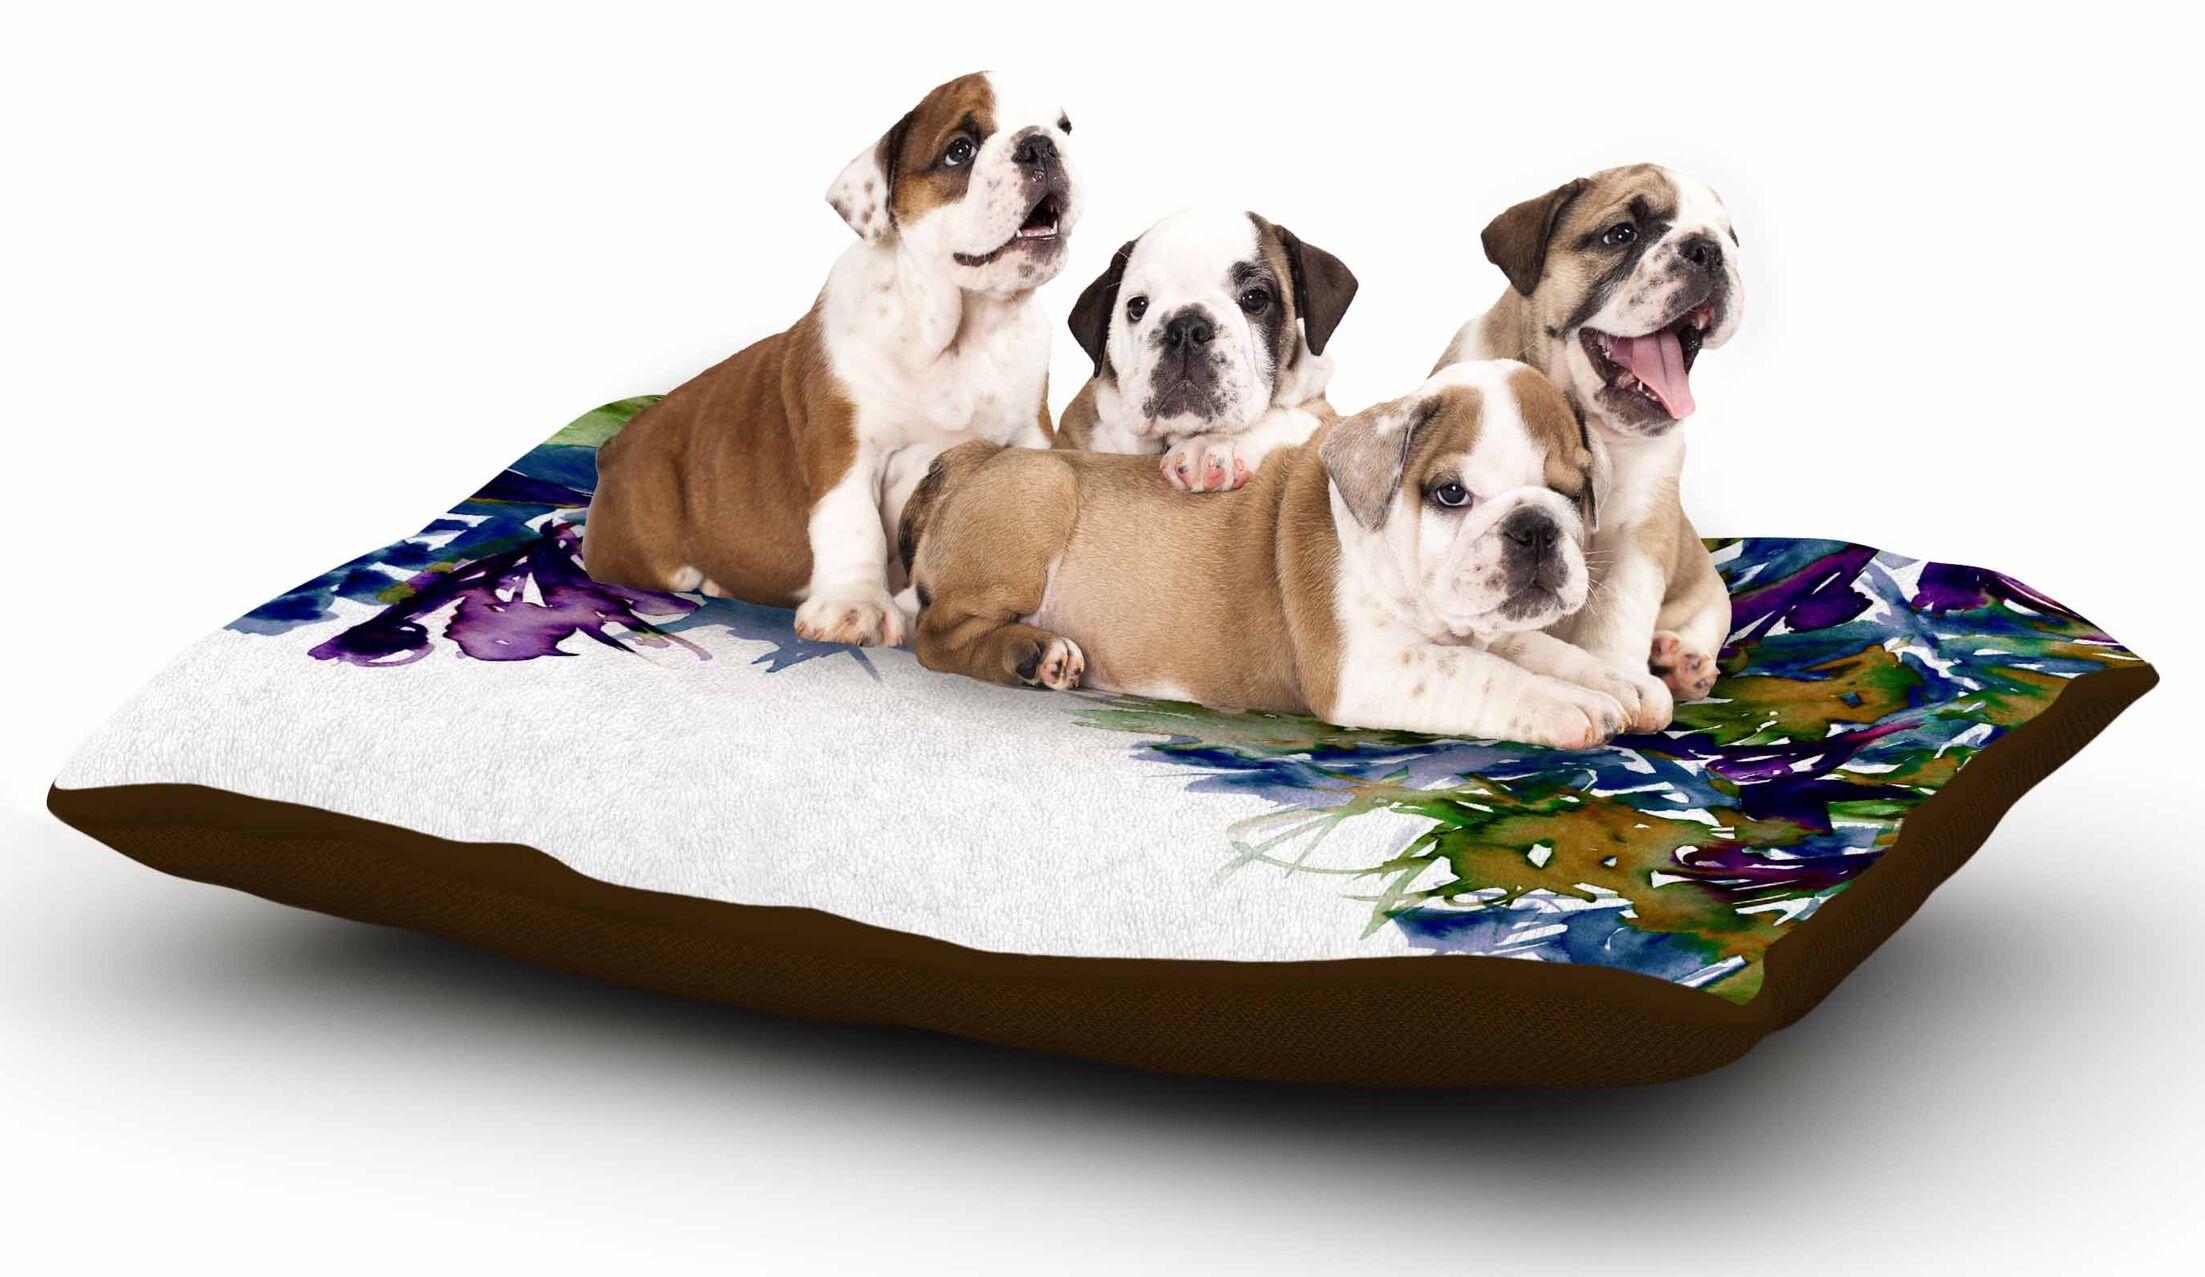 Ebi Emporium 'Floral Cascade 4' Dog Pillow with Fleece Cozy Top